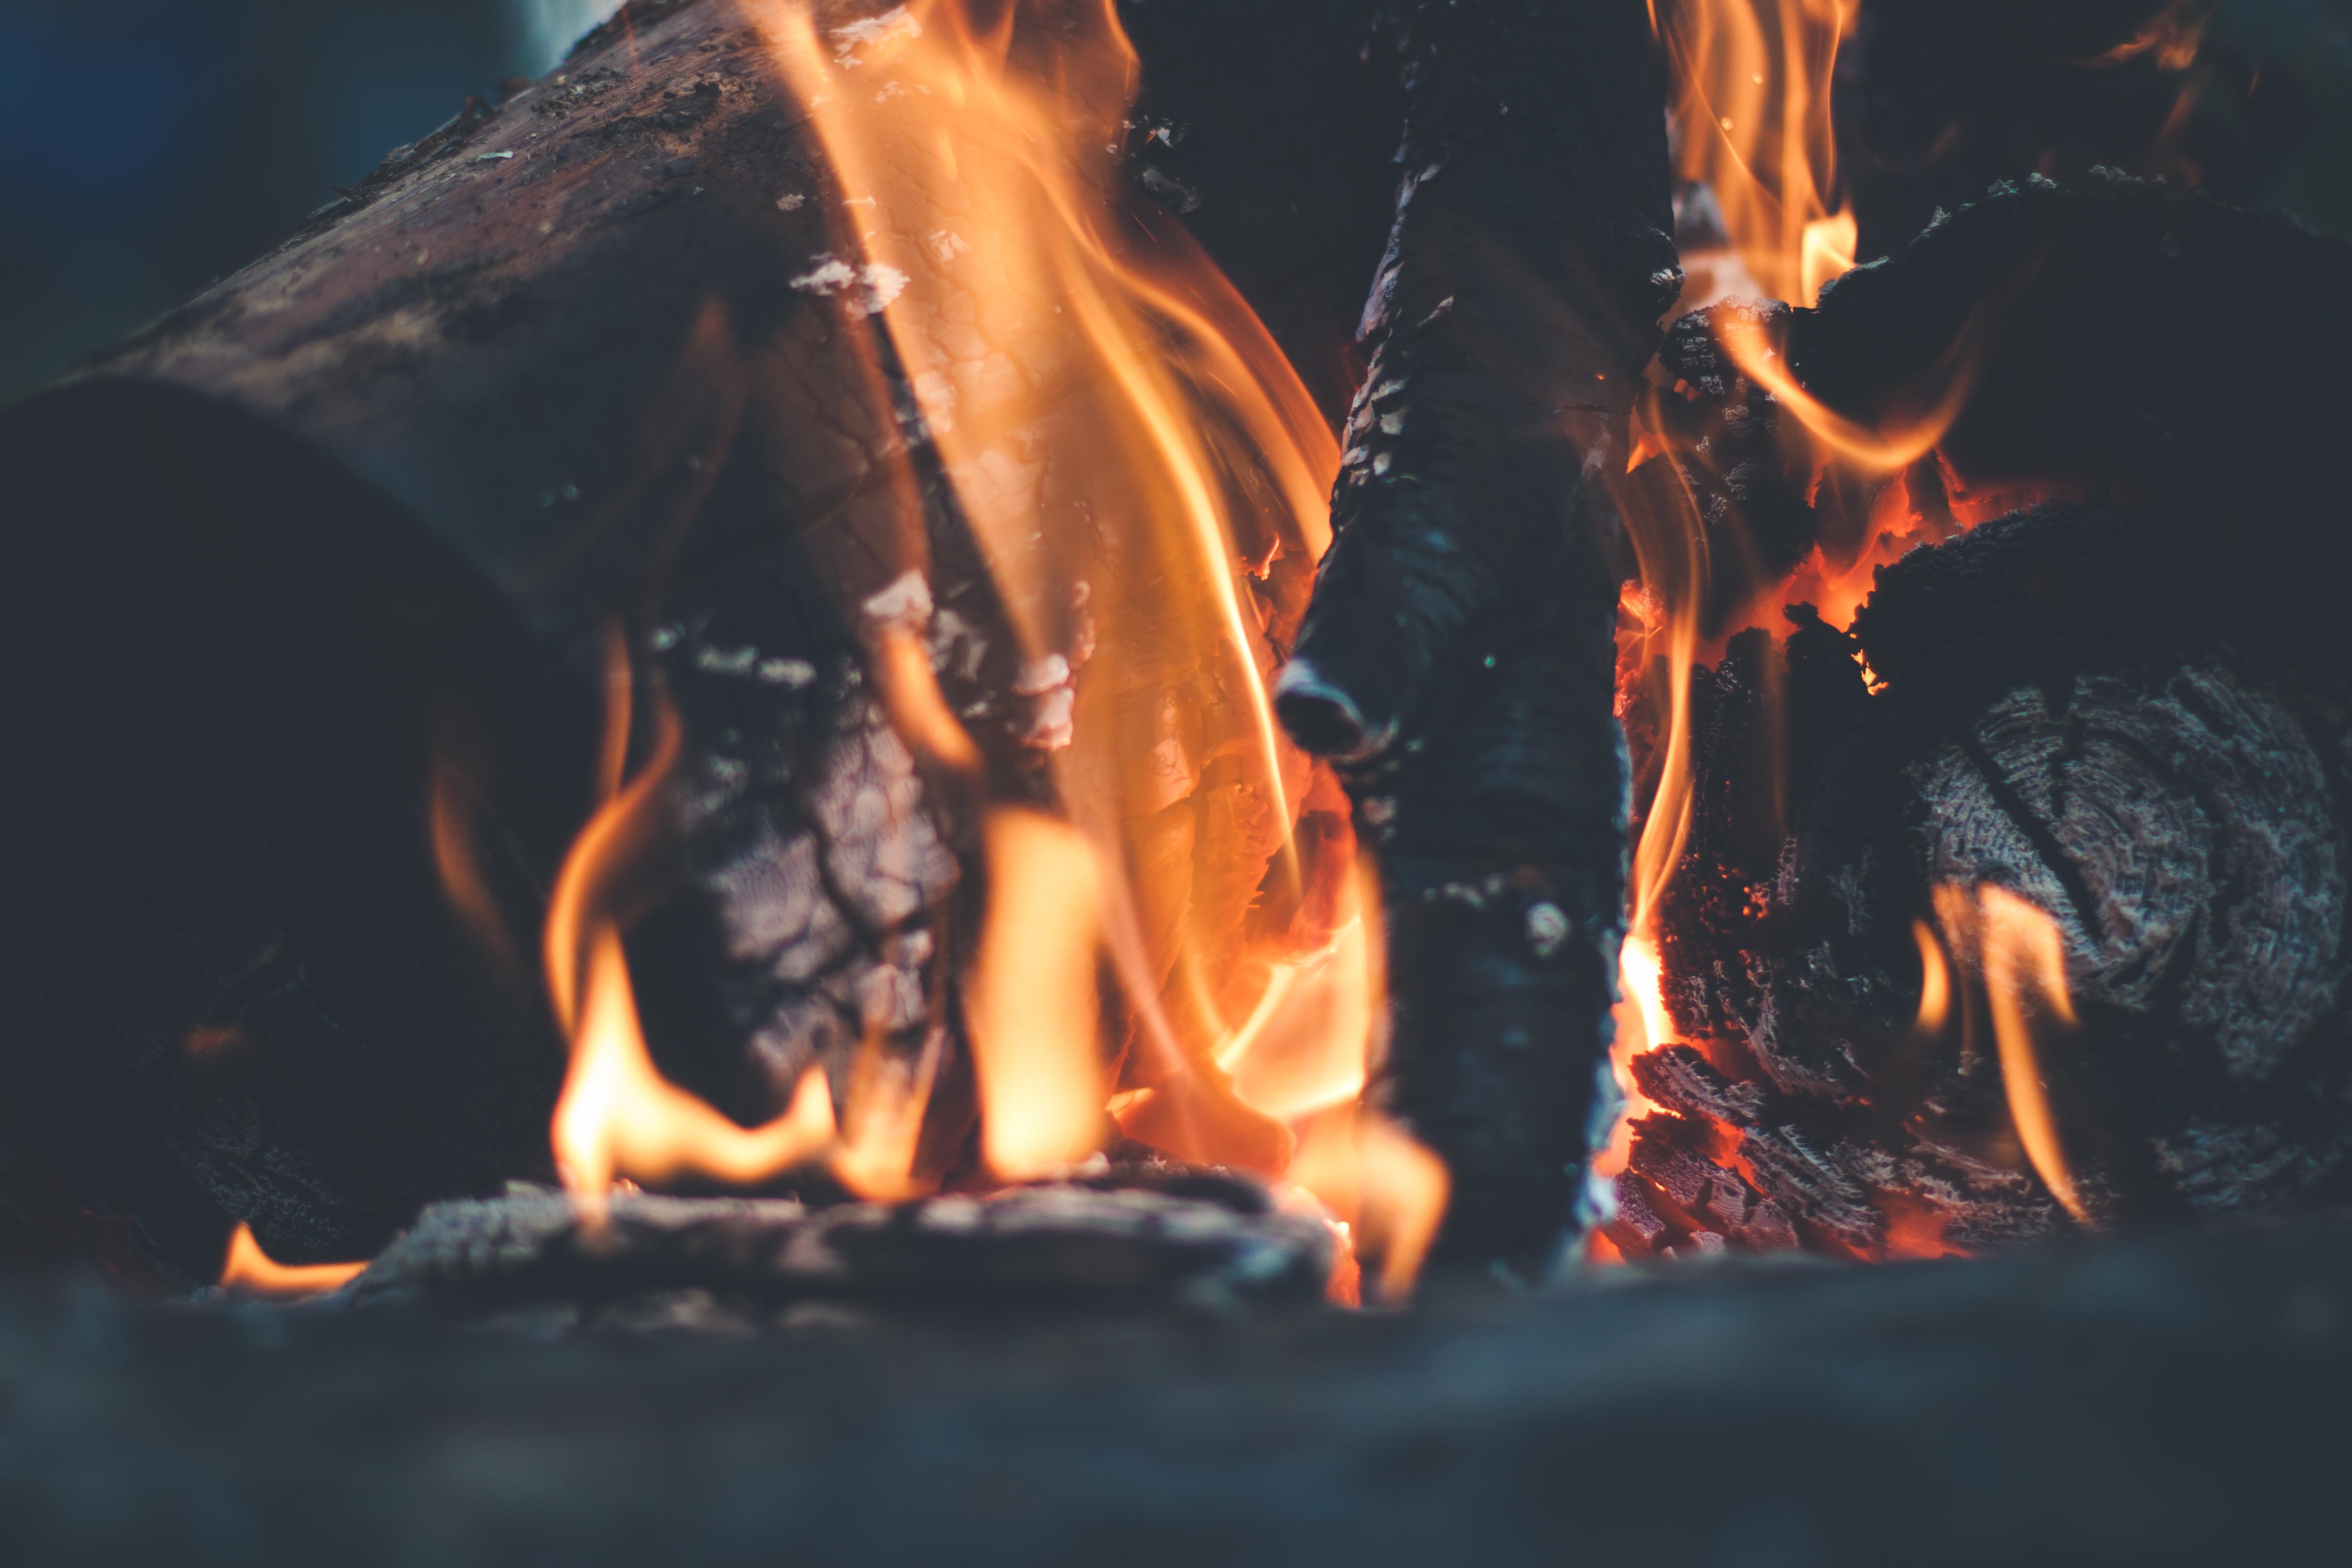 Спокойствие умиротворение огонь костер  № 3560296  скачать